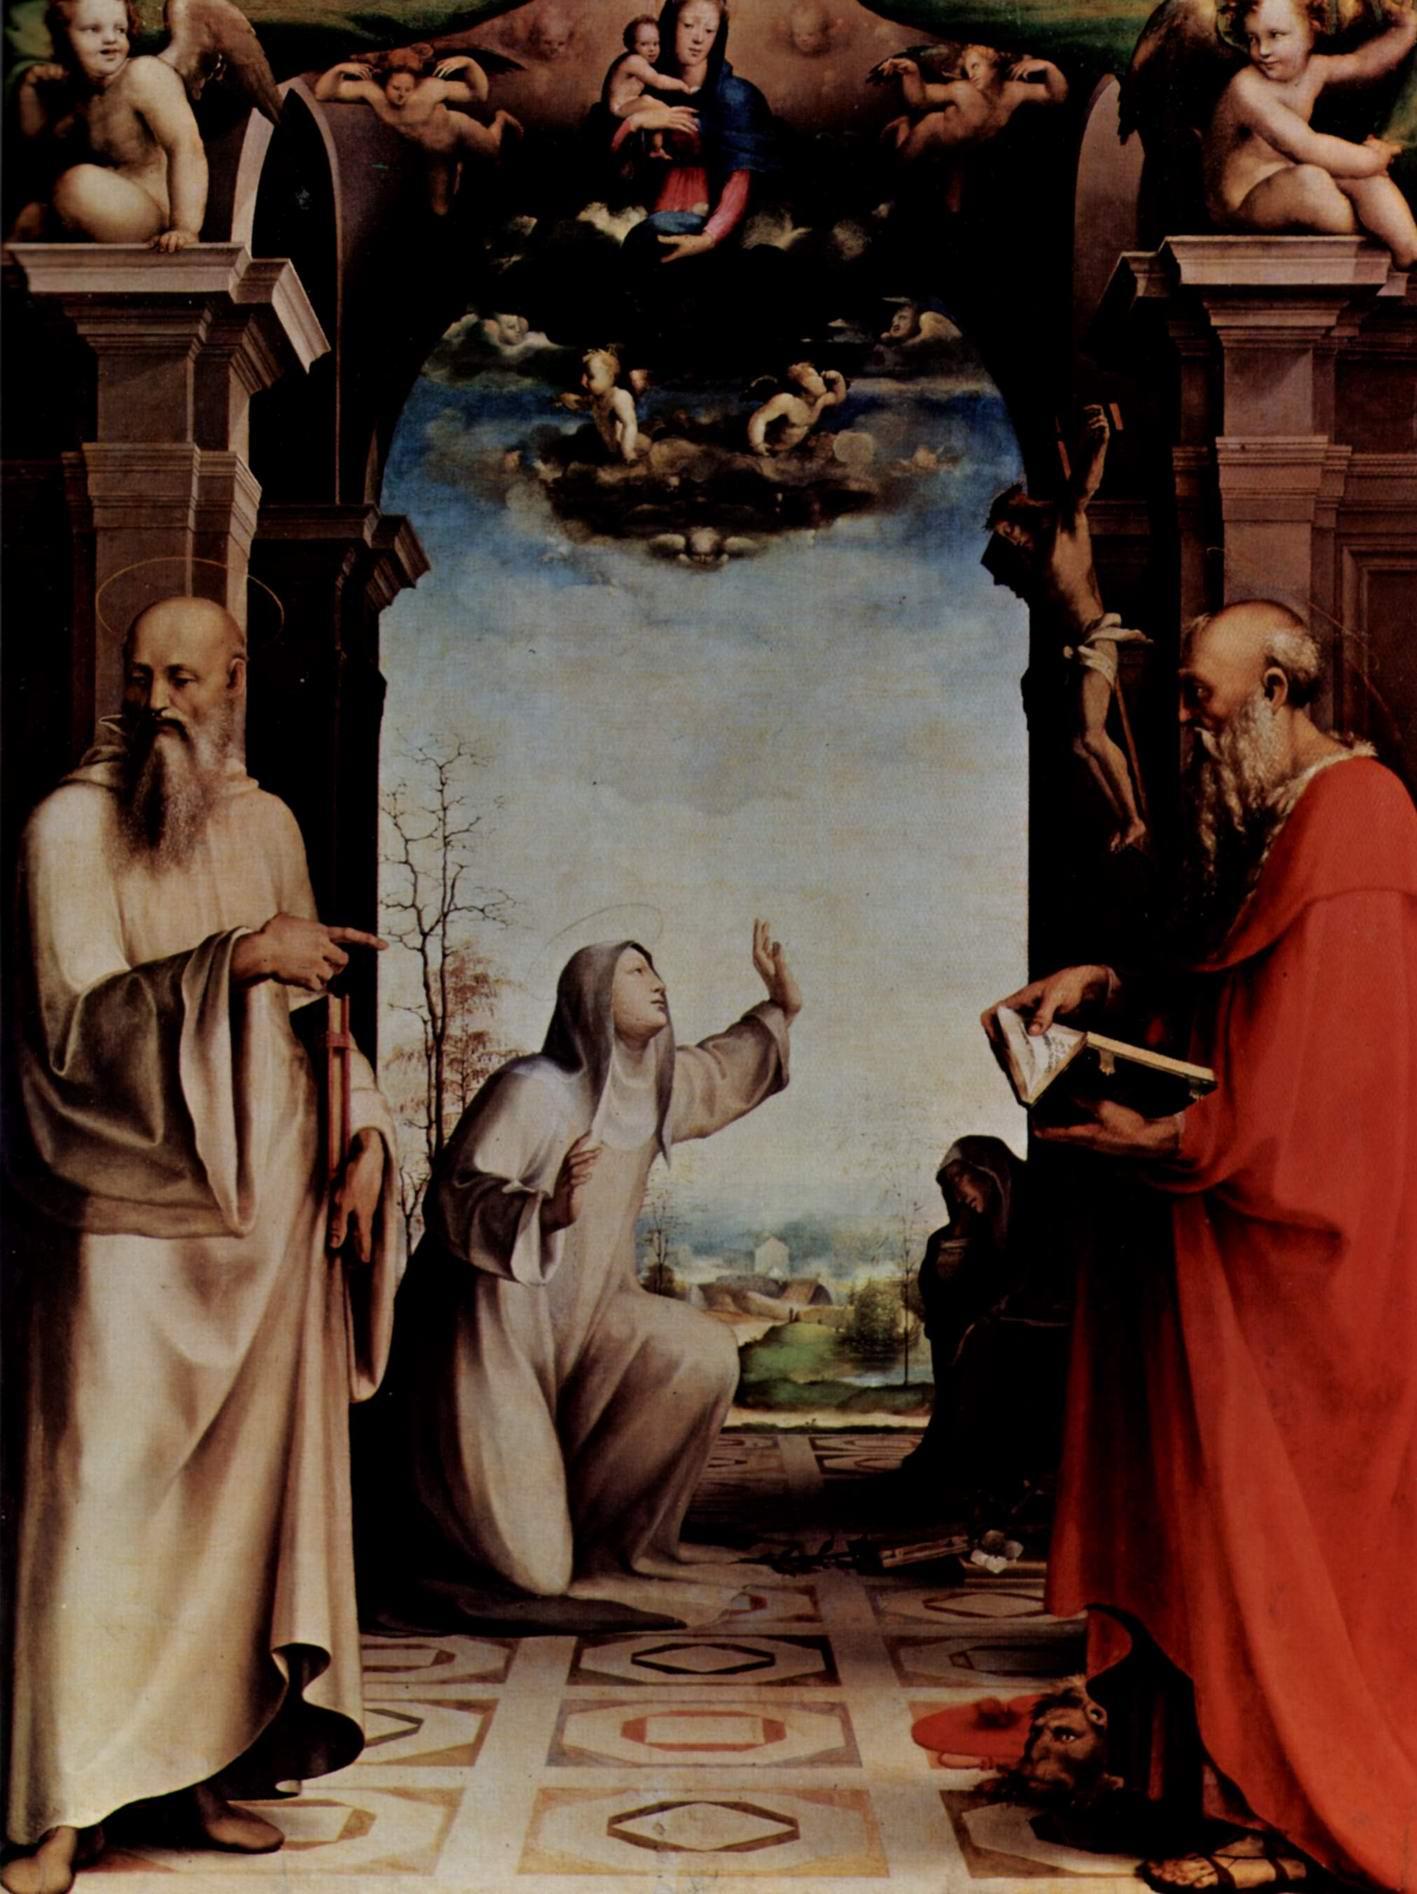 Св. Екатерина со стигматами, со св. Бенедиктом и св. Иеронимом, створки алтаря 1, Беккафуми Доменико